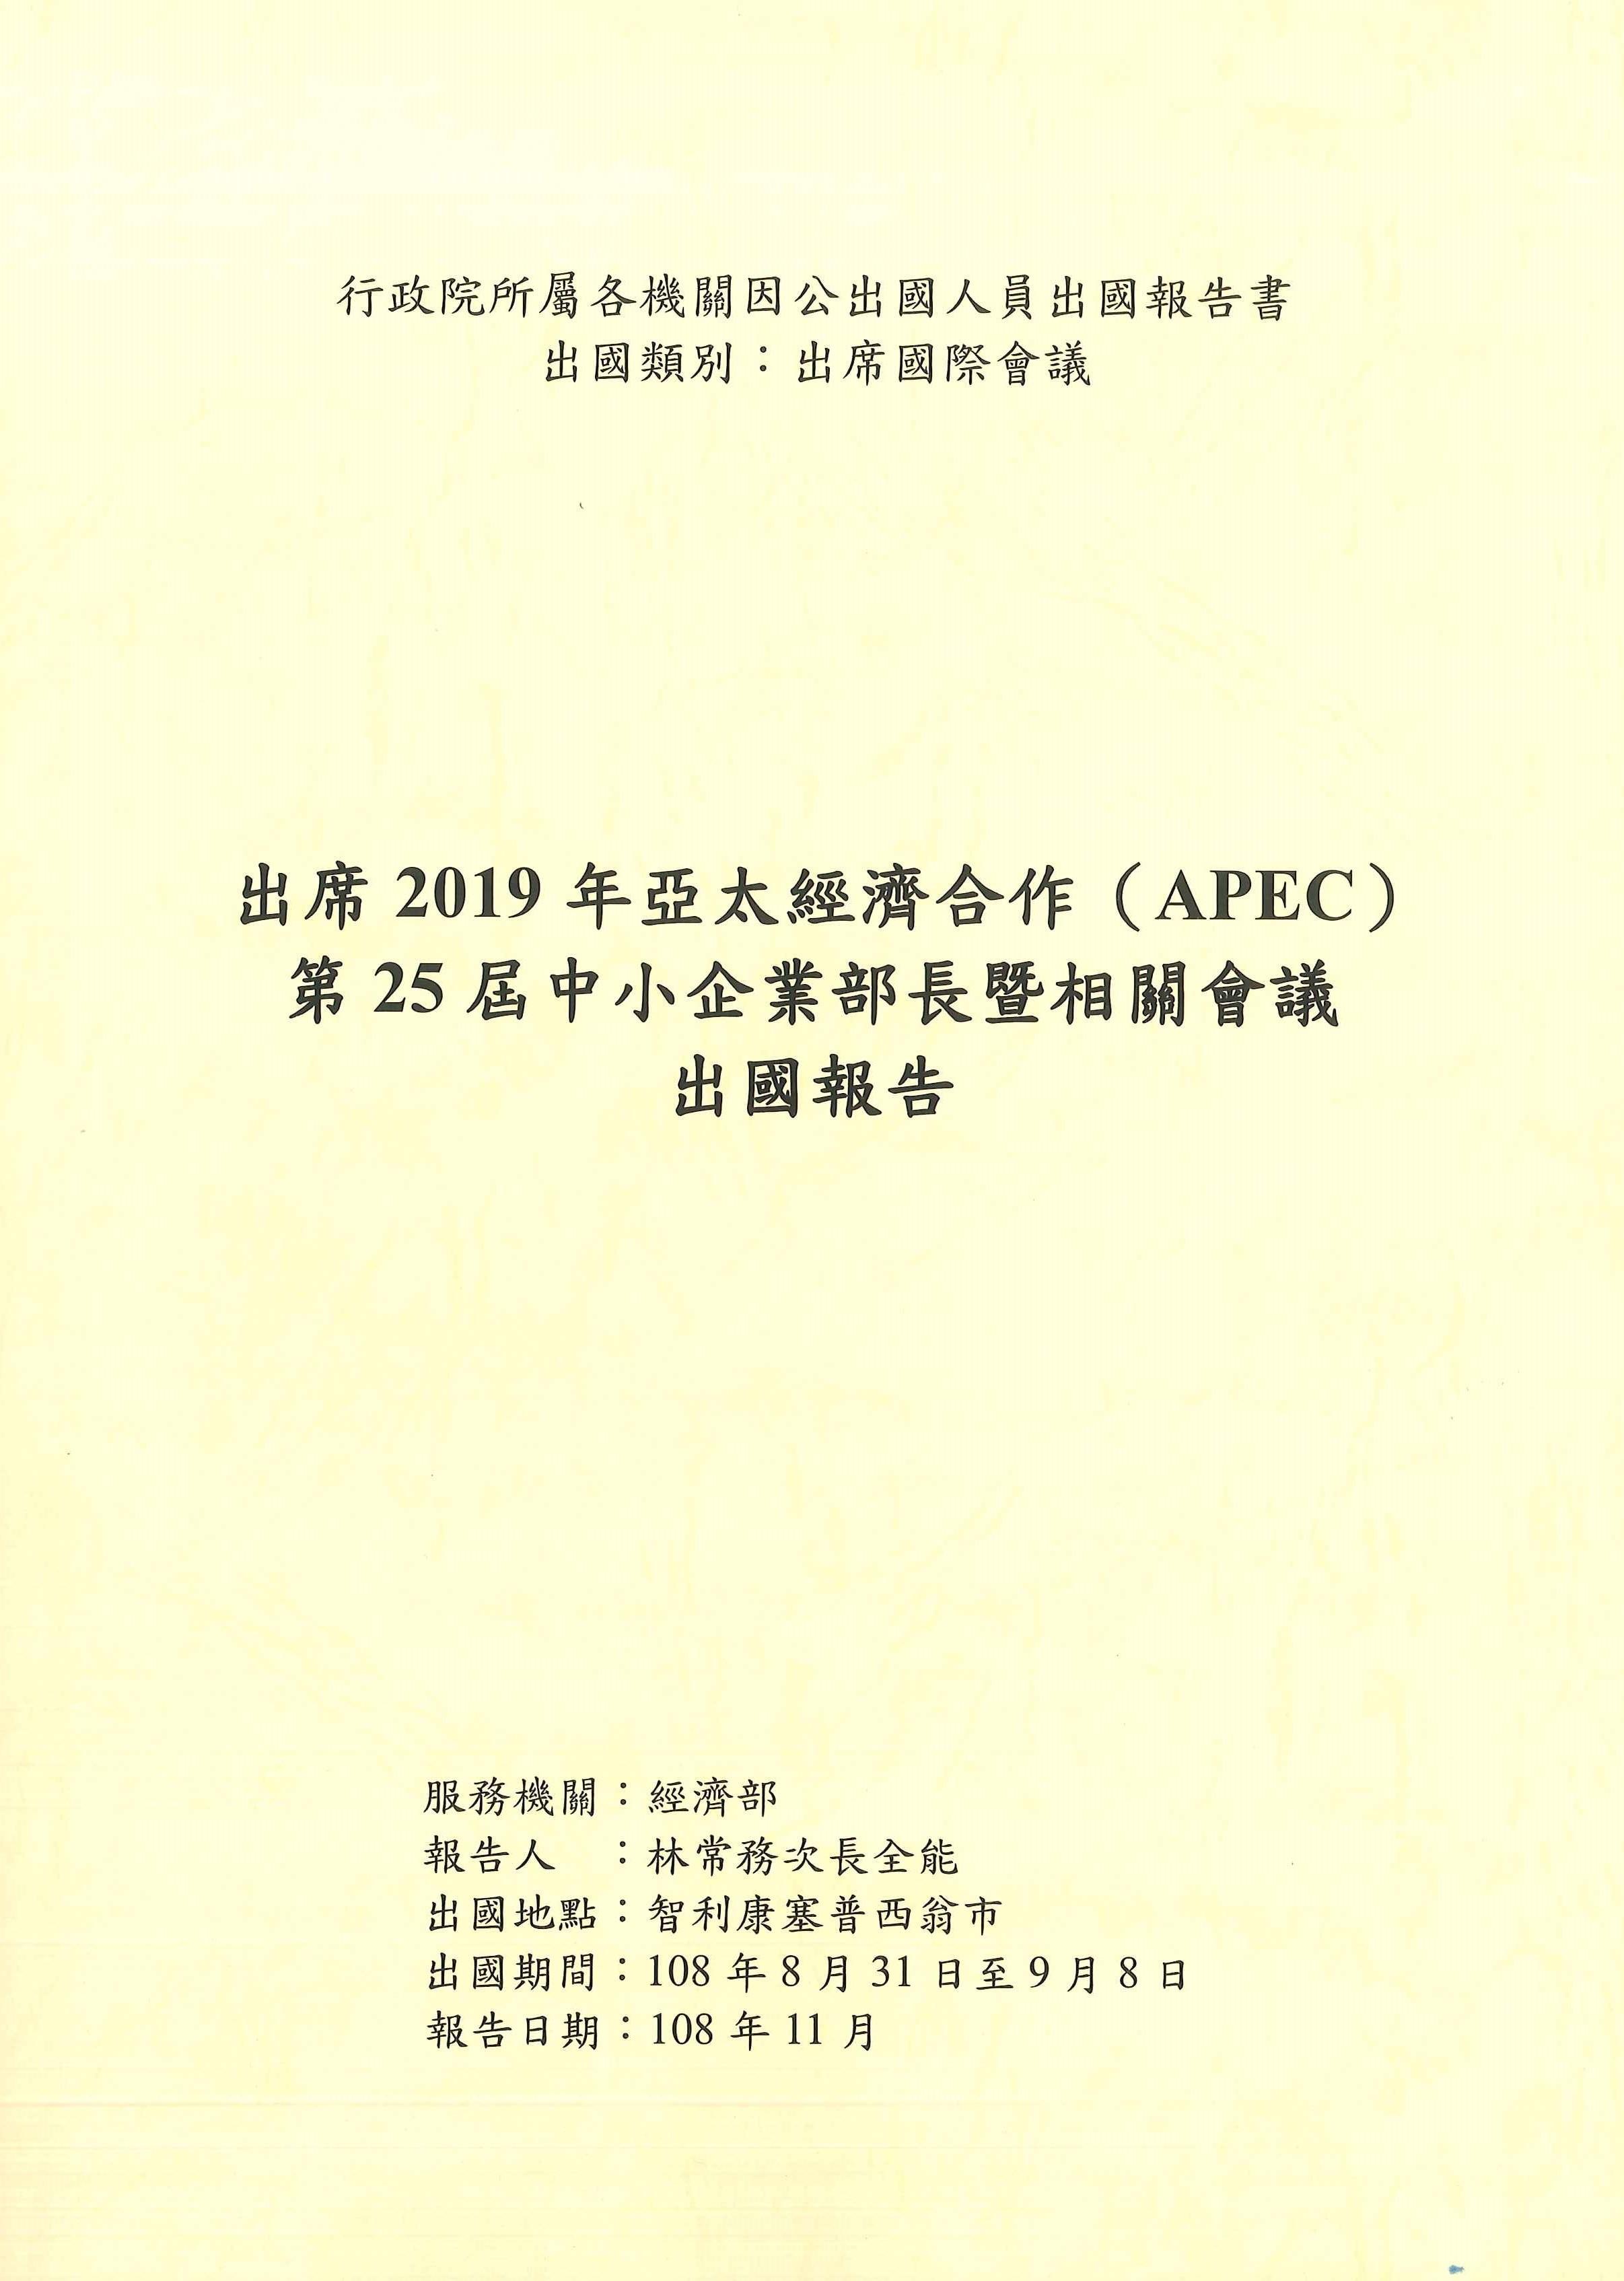 出席2019年亞太經濟合作(APEC)第25屆中小企業部長暨相關會議出國報告